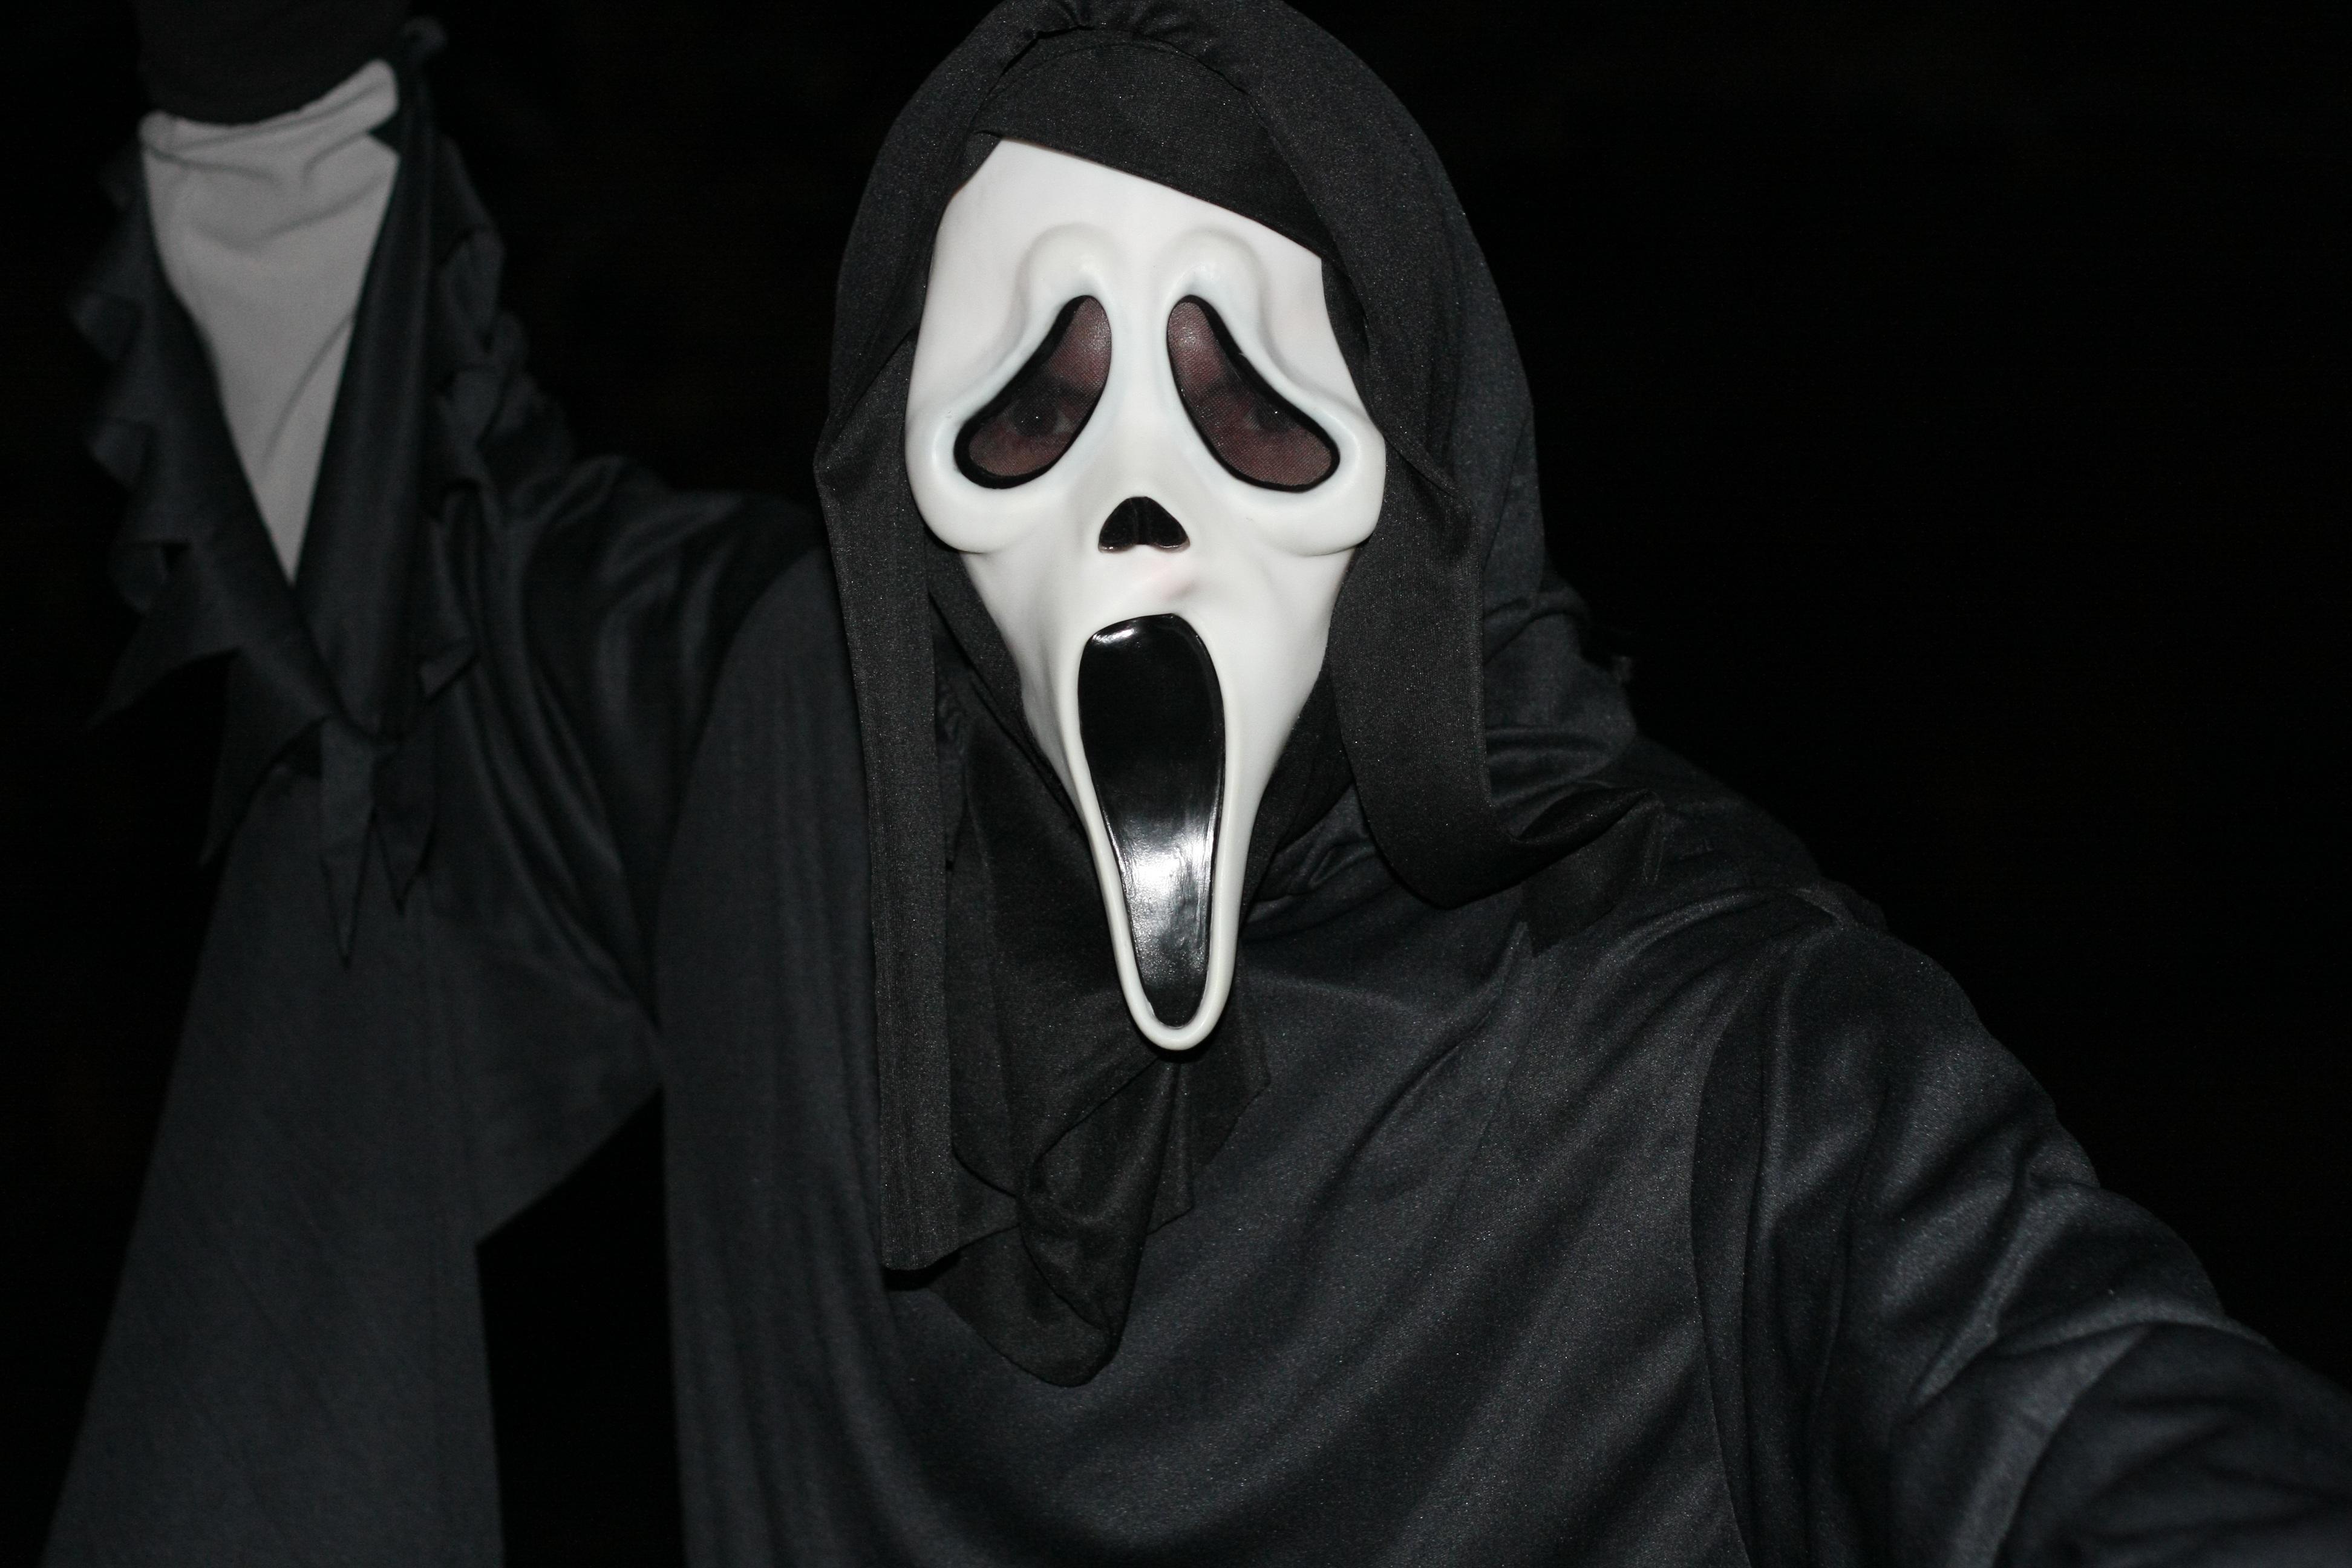 Images gratuites halloween obscurit v tements noir couvre chefs peur masque squelette - Masque halloween film ...